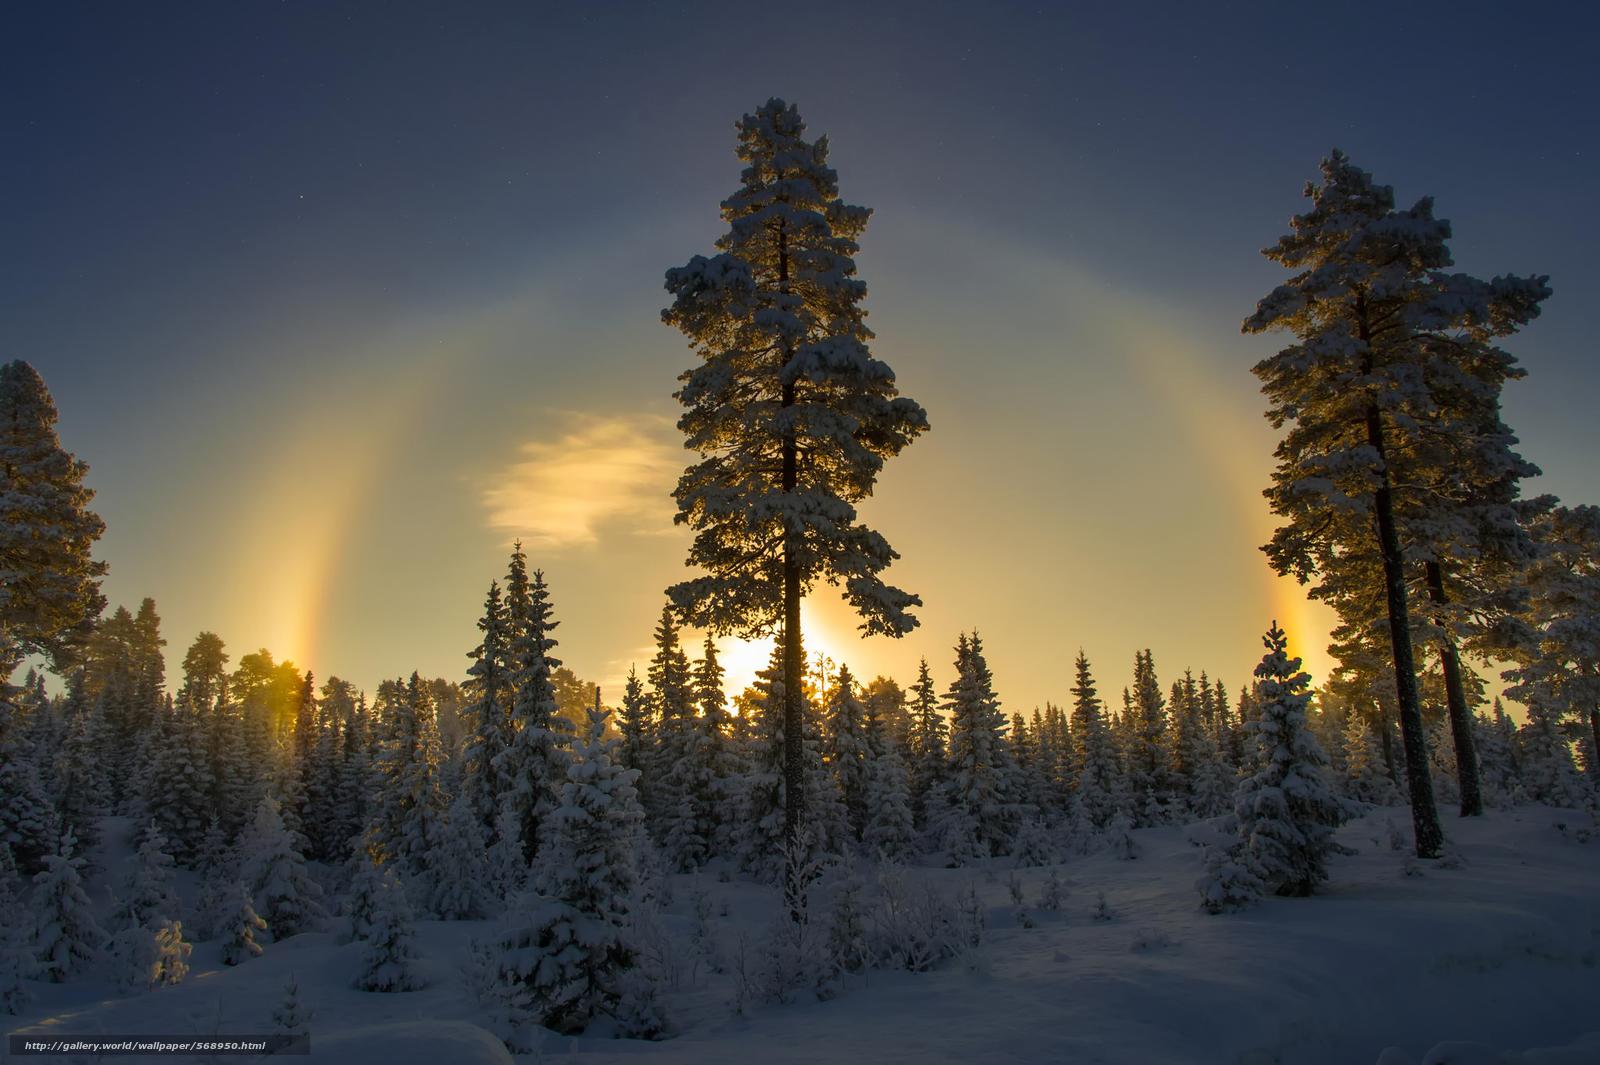 Scaricare gli sfondi alberi di natale inverno nevicata for Desktop gratis inverno